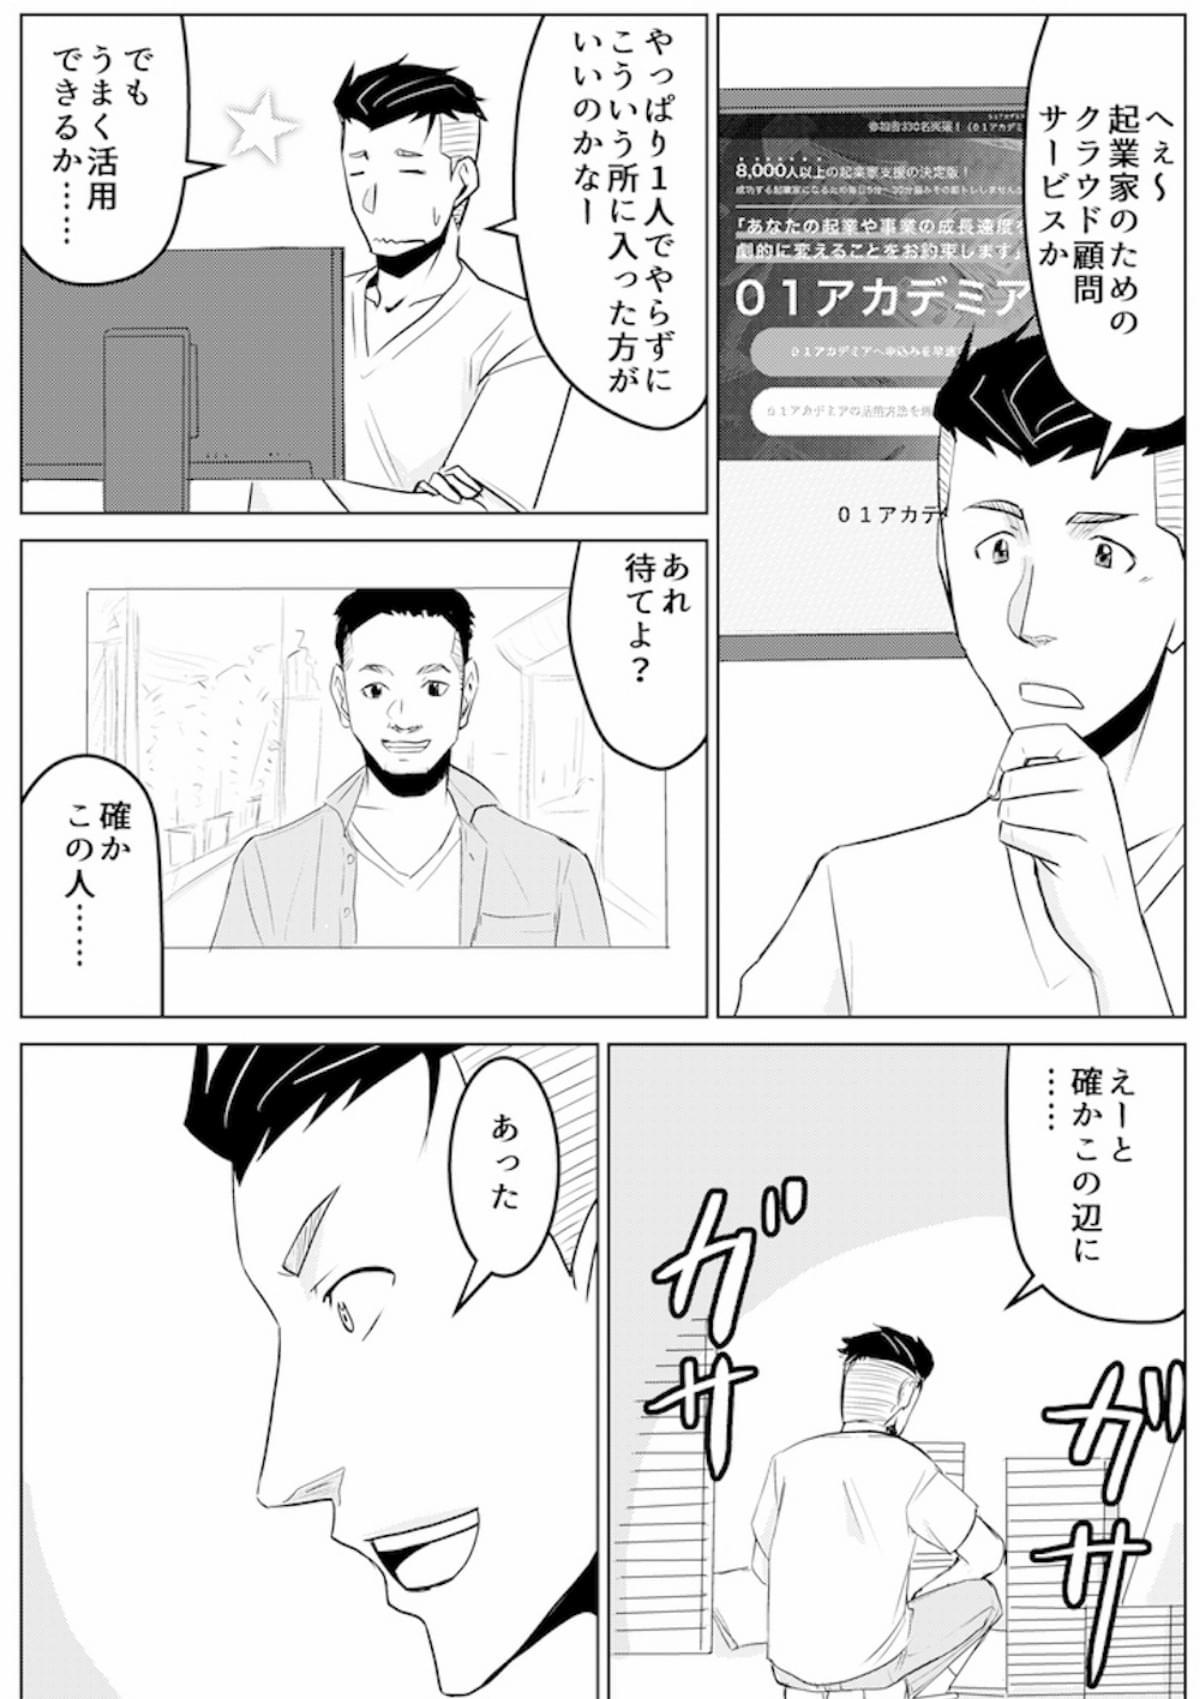 チャレンジャーズ漫画_002(2)